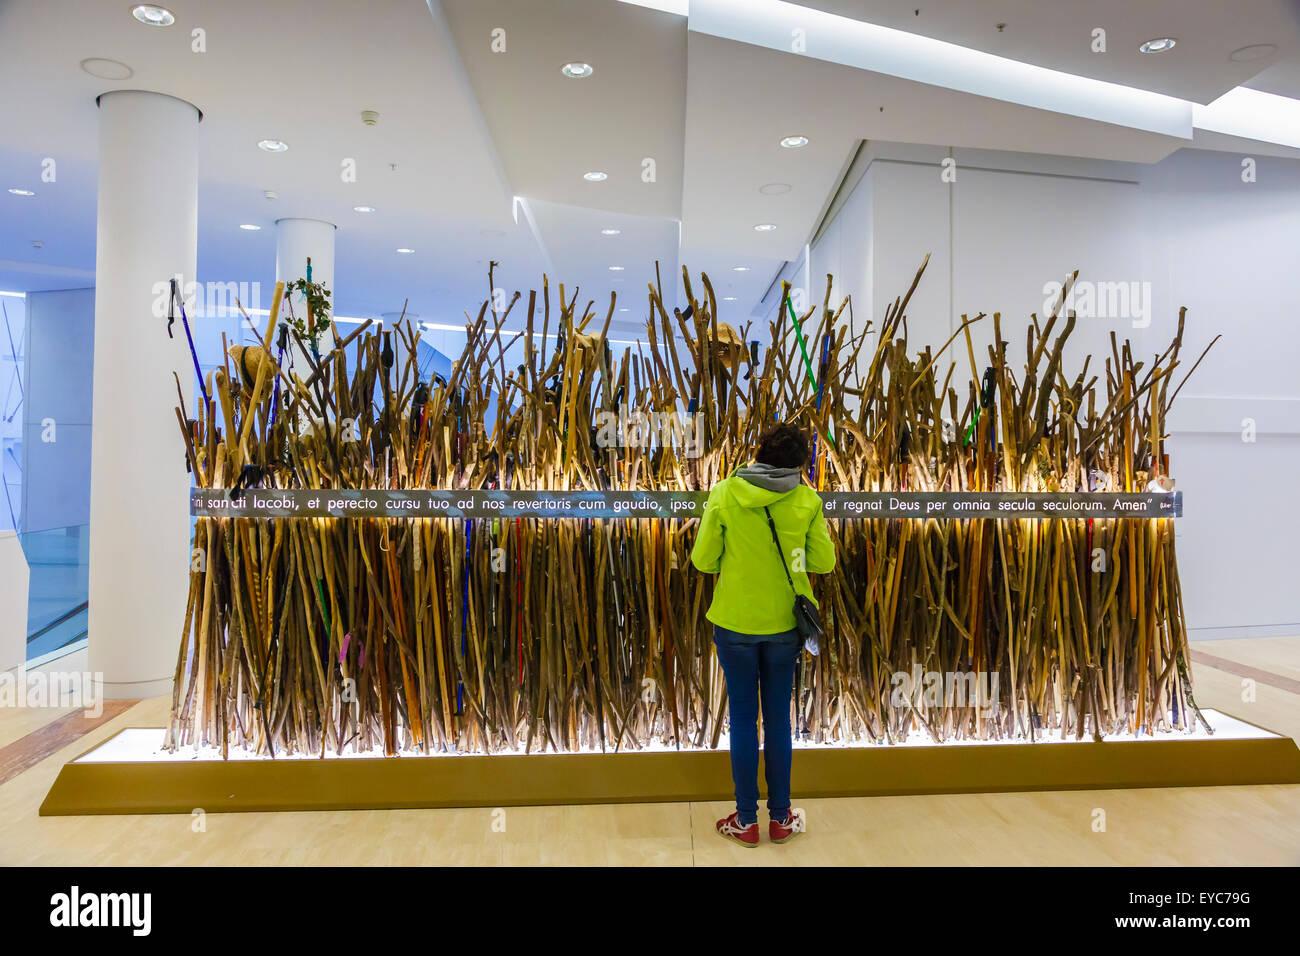 Way of St. James exhibition. City of Culture. Santiago de Compostela. La Coruña, Galicia, Spain, Europe. - Stock Image